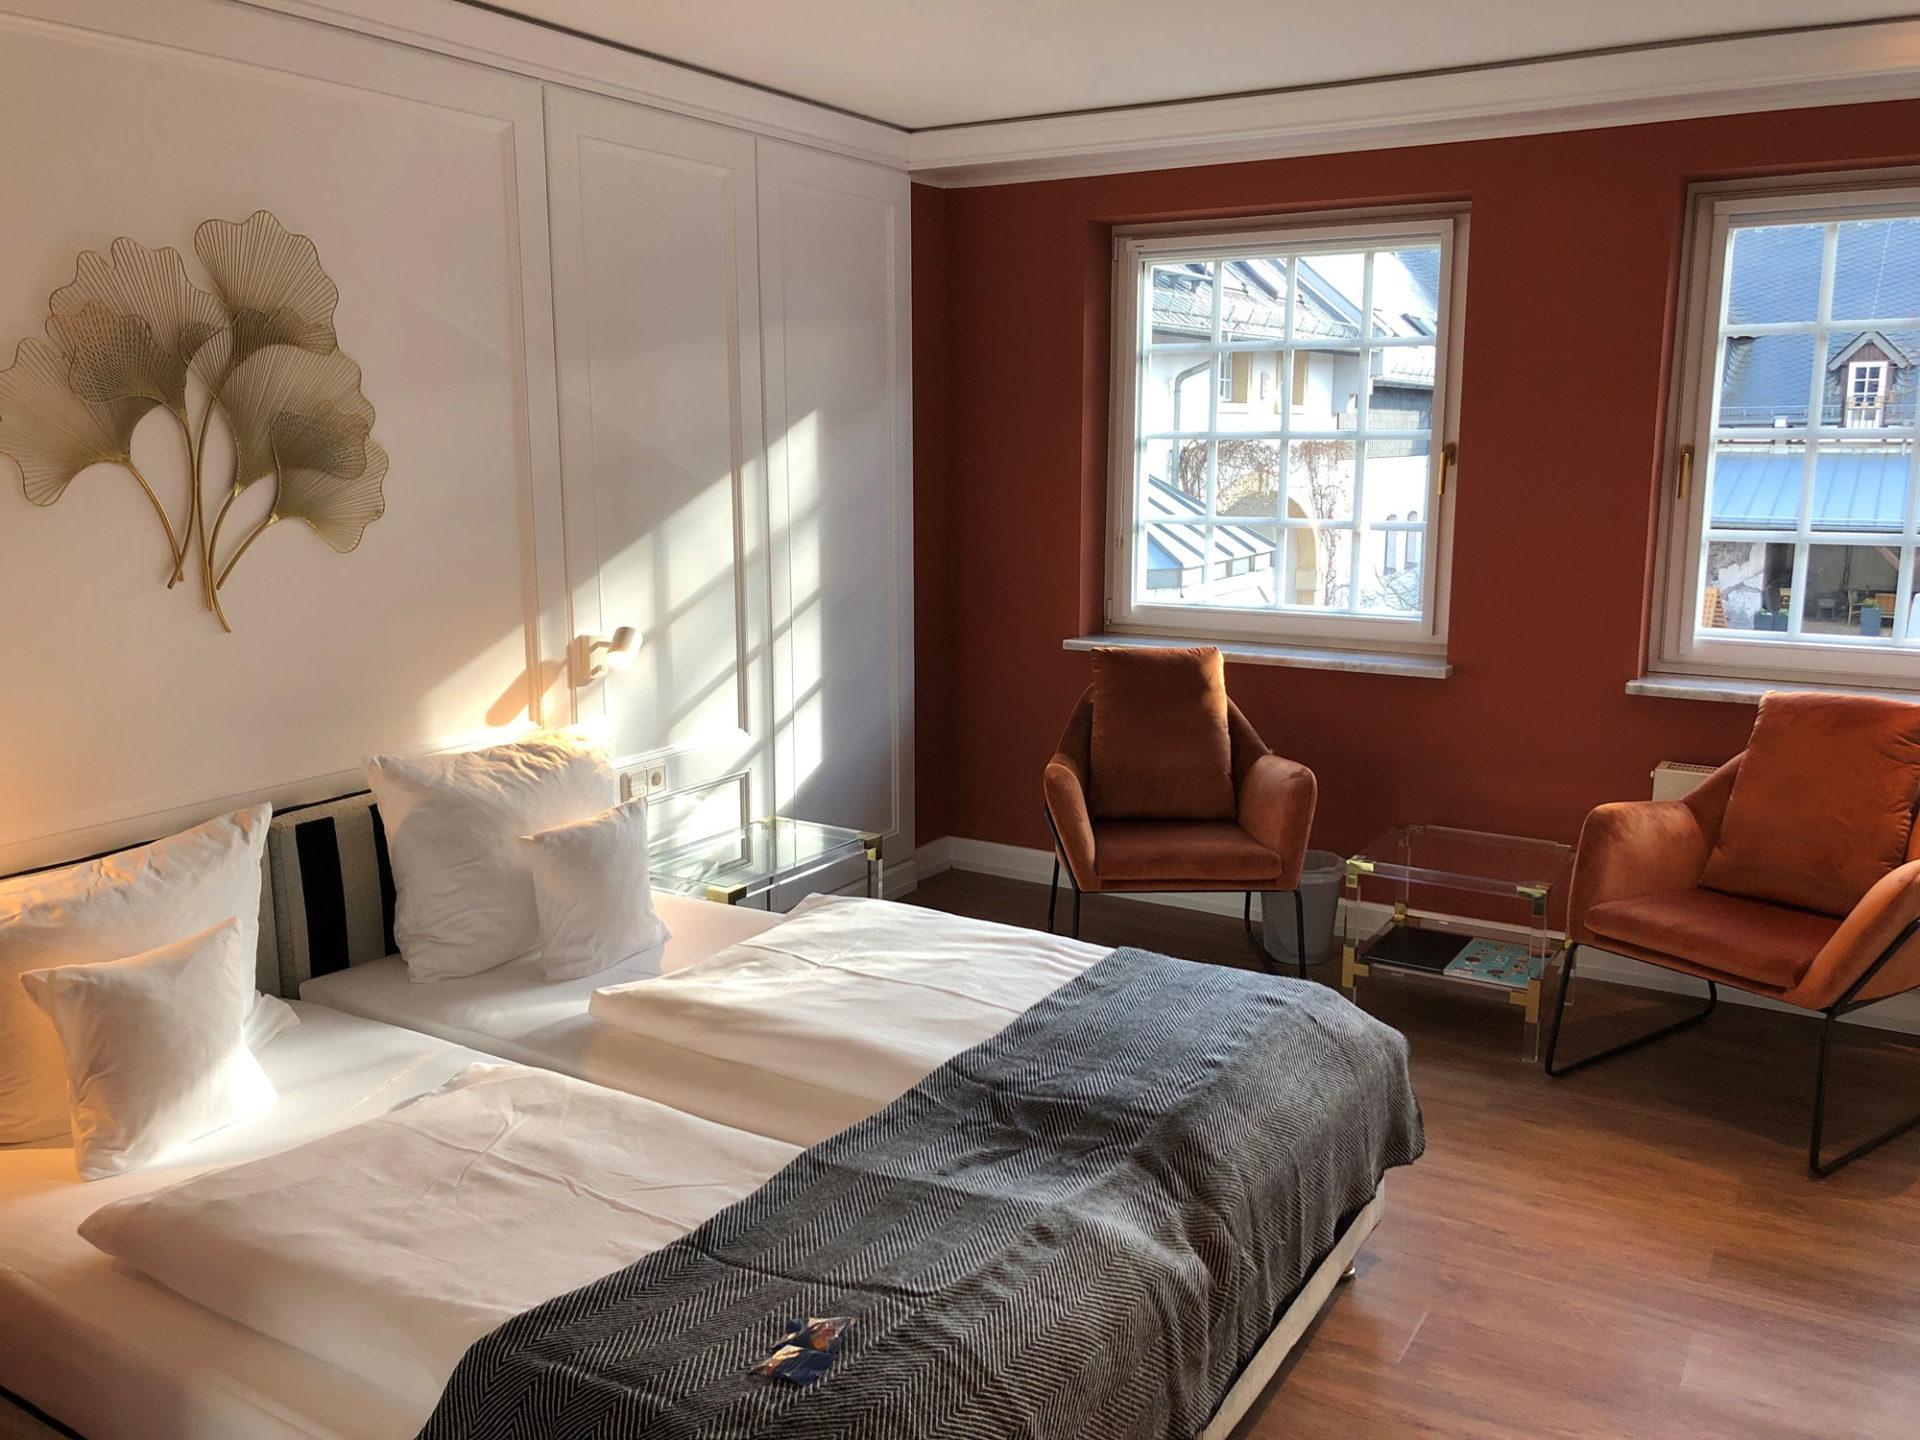 Einblick in das Komfort Doppelzimmer mit zusätzlichen Sitzmöglichkeiten neben dem Doppelbett im Hofgut Georgenthal